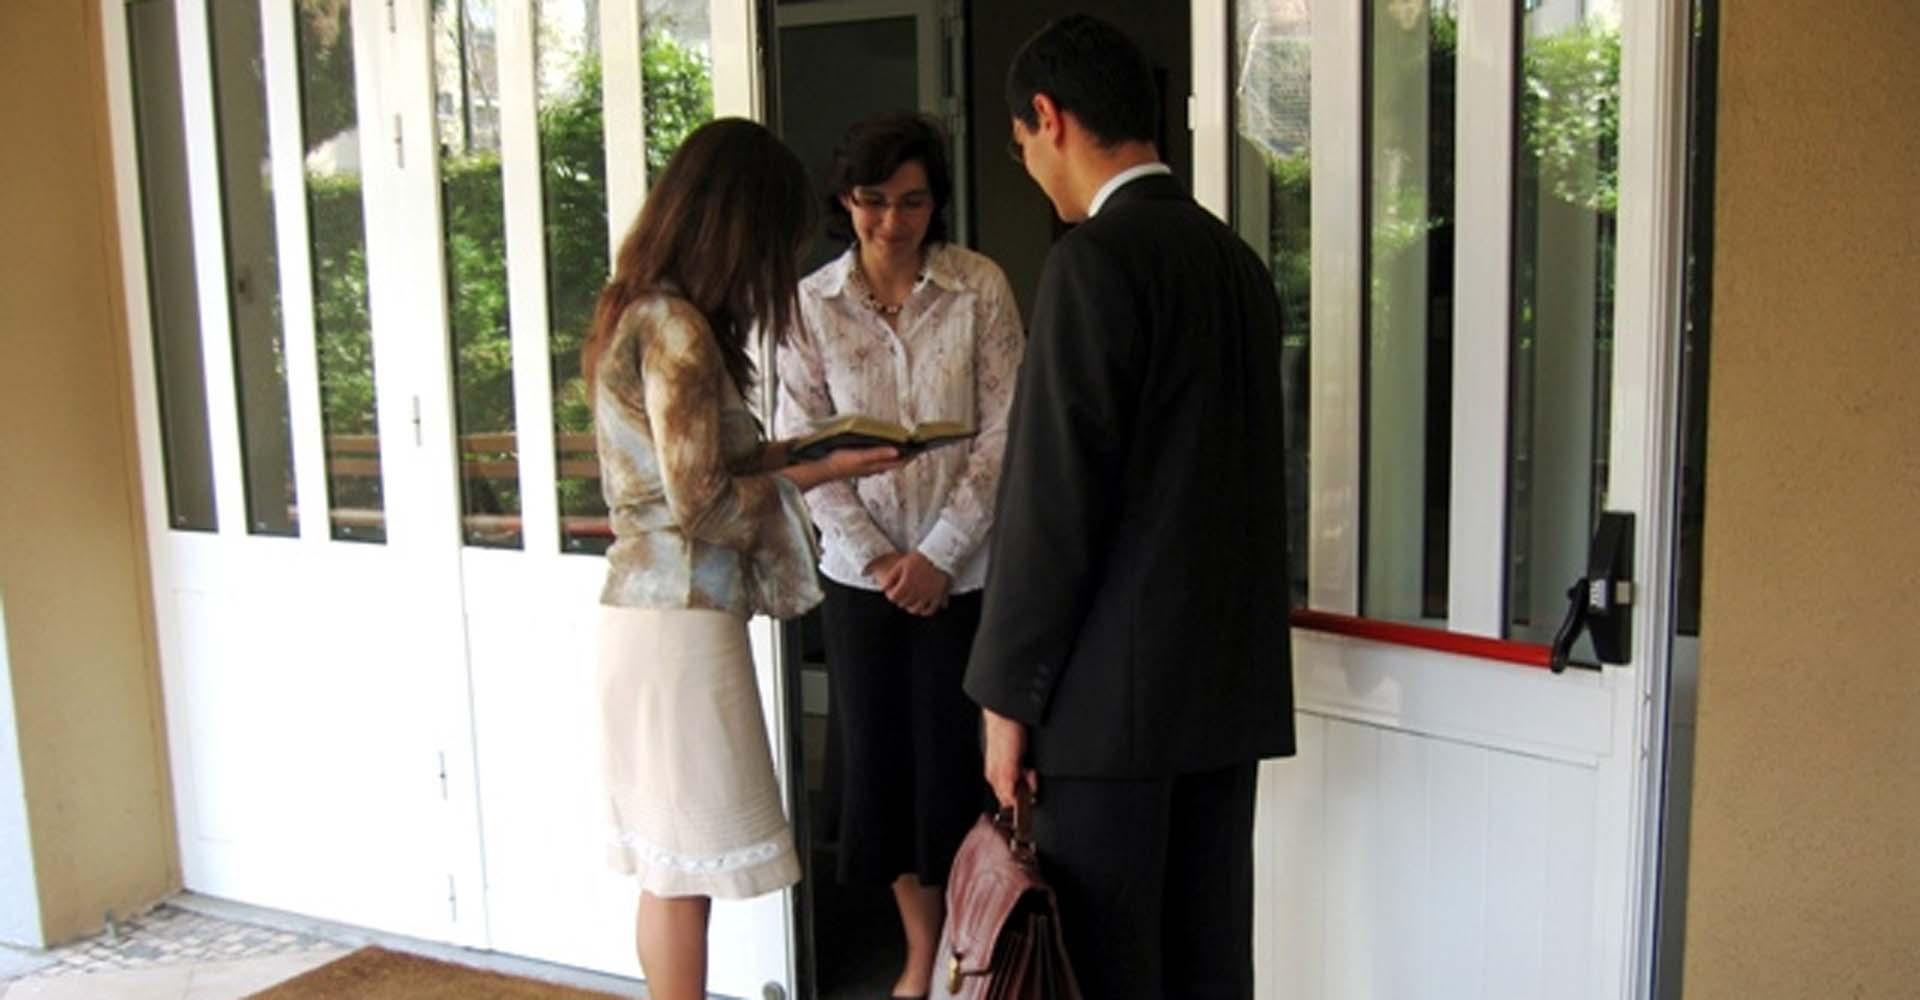 Jehovah's Witnesses go door-to-door